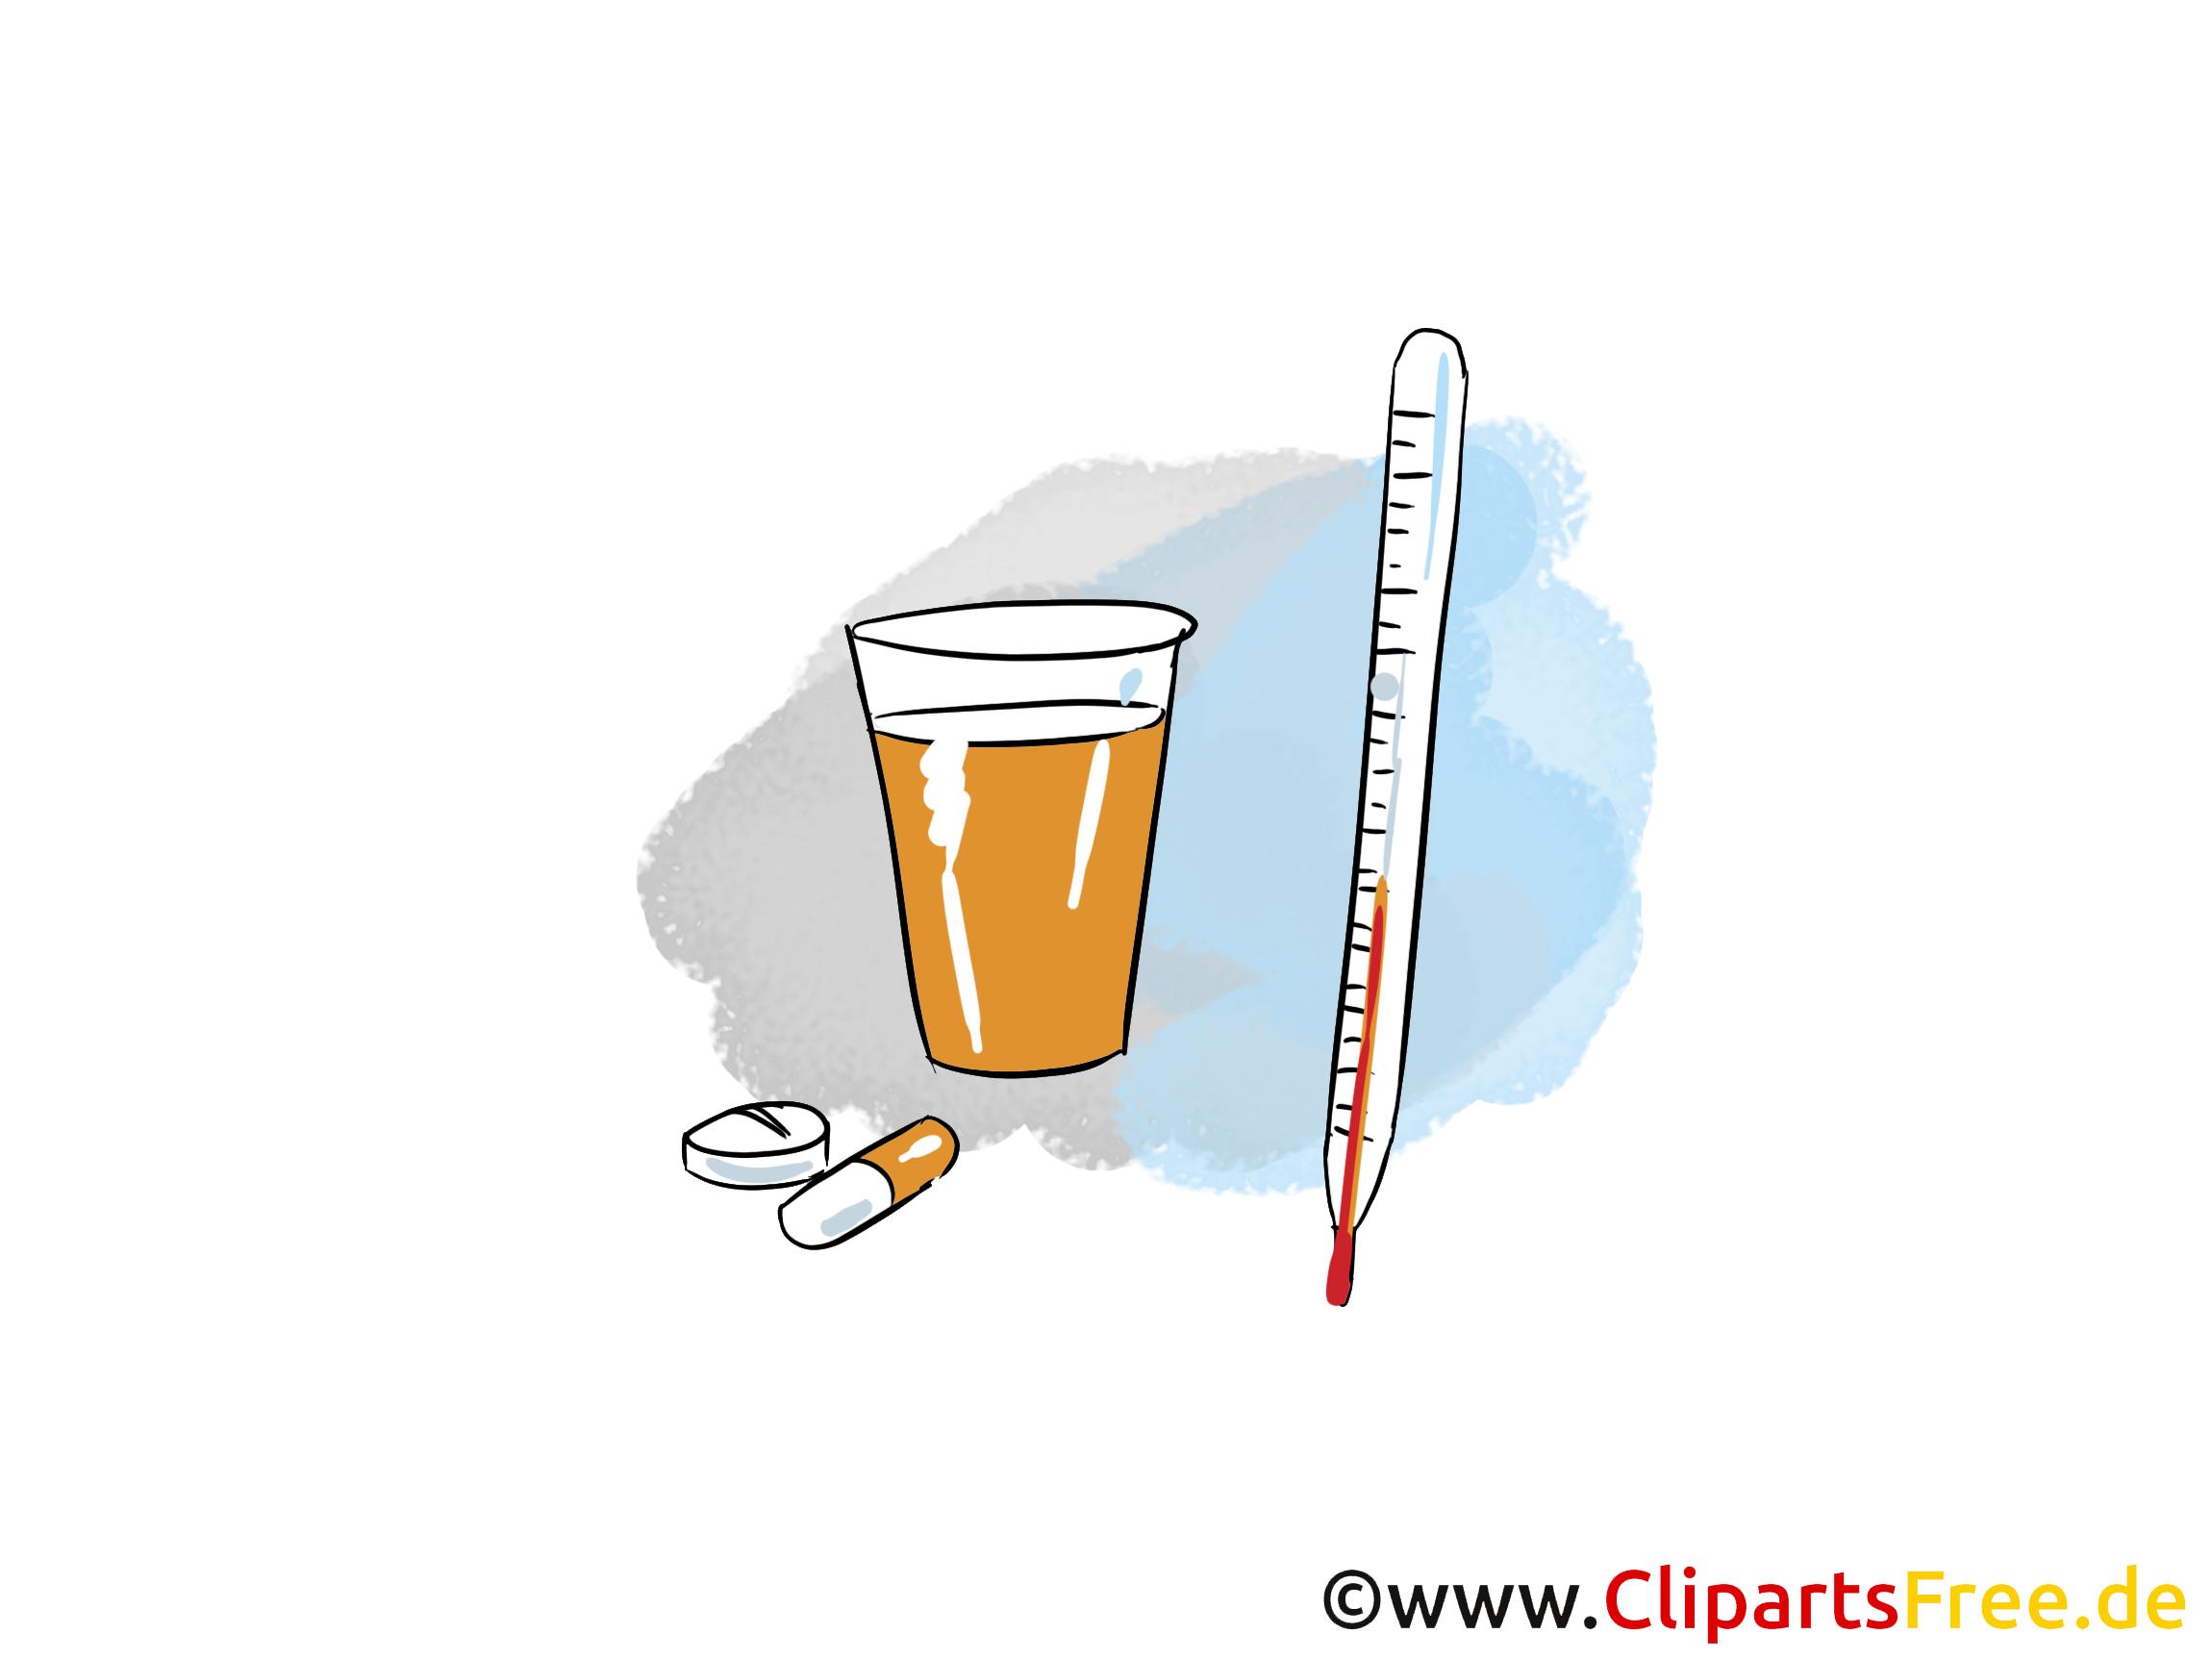 Medizin Cliparts, Bilder, Cartoons